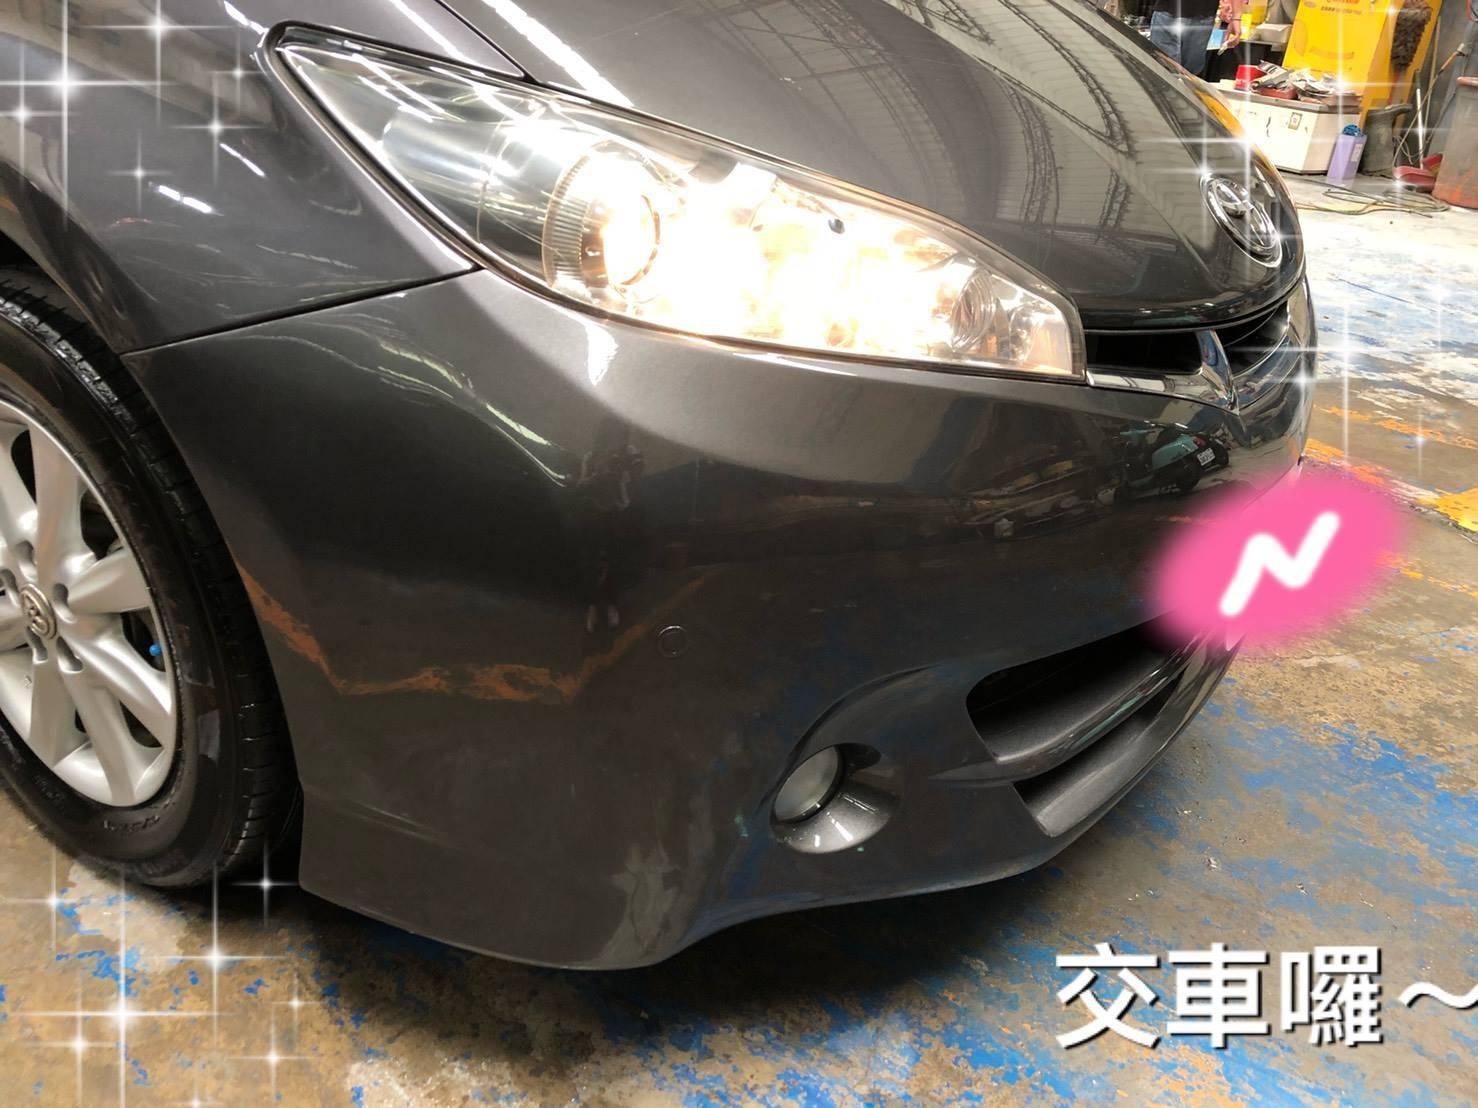 【壢威汽車】豐田TOYOTA WISH  車輛鈑金烤漆修復